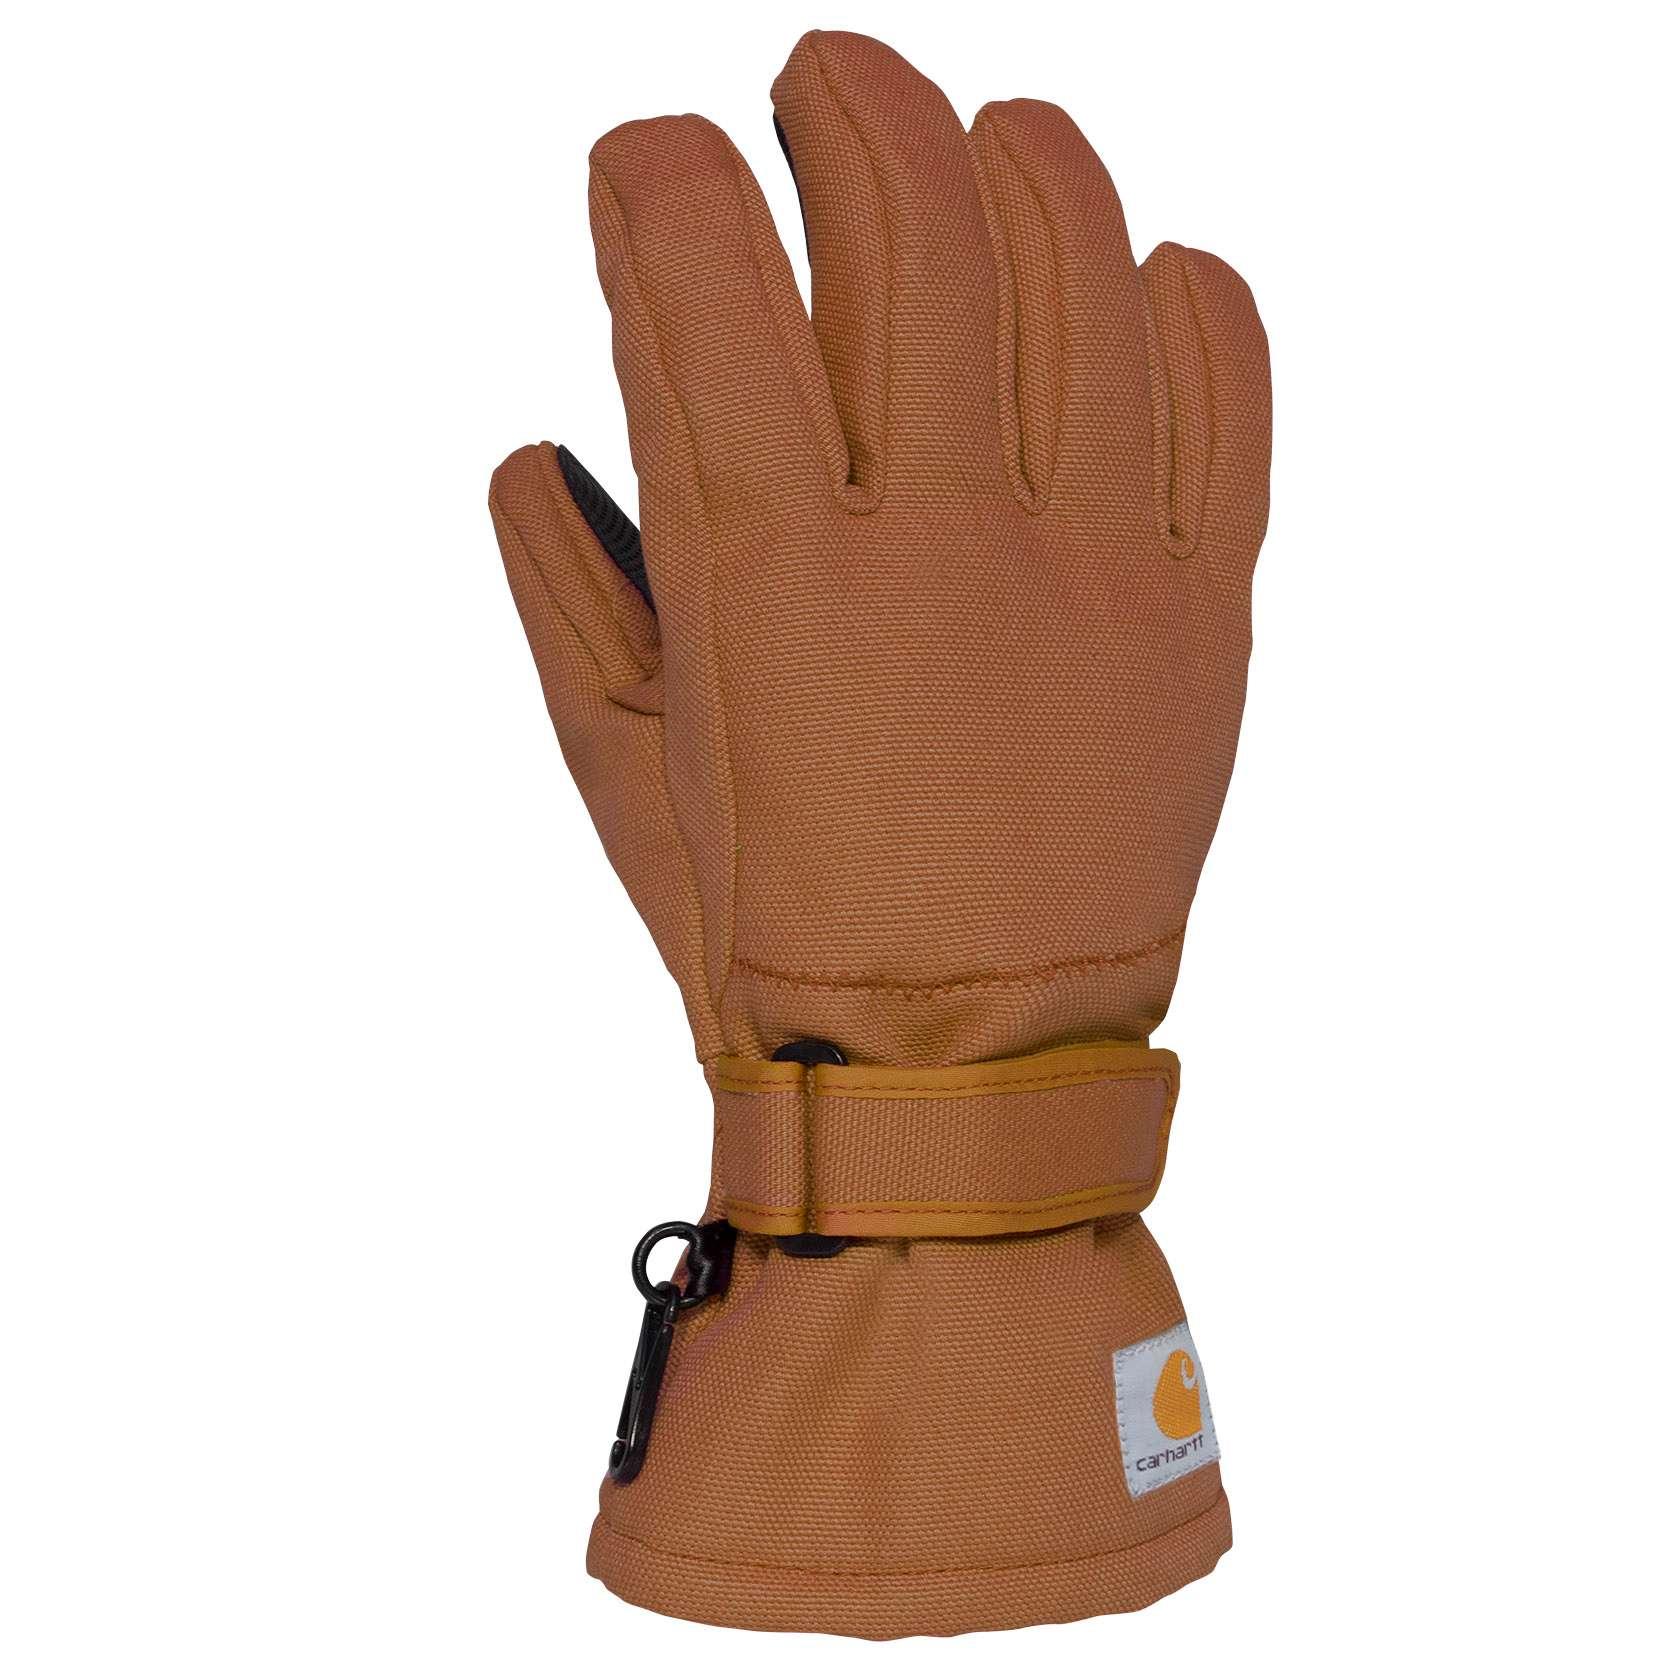 Carhartt Duck Insulated Glove